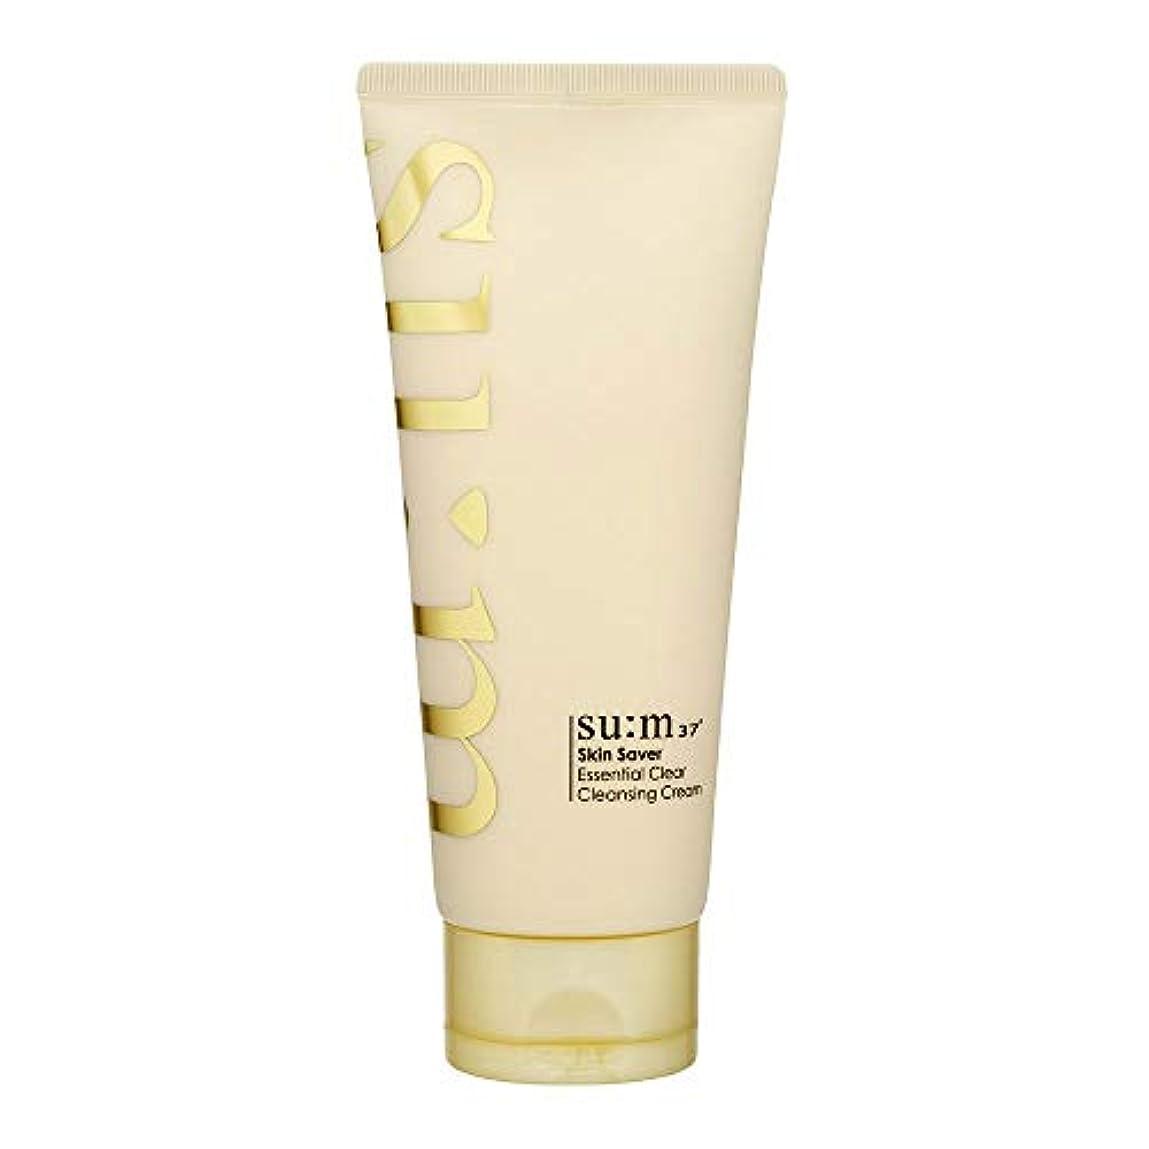 会社カスケード学習[スム37°] Sum37° スキンセイバー エッセンシャルクリアクレンジングクリーム  Skin saver Essential Clear Cleansing Cream (海外直送品) [並行輸入品]